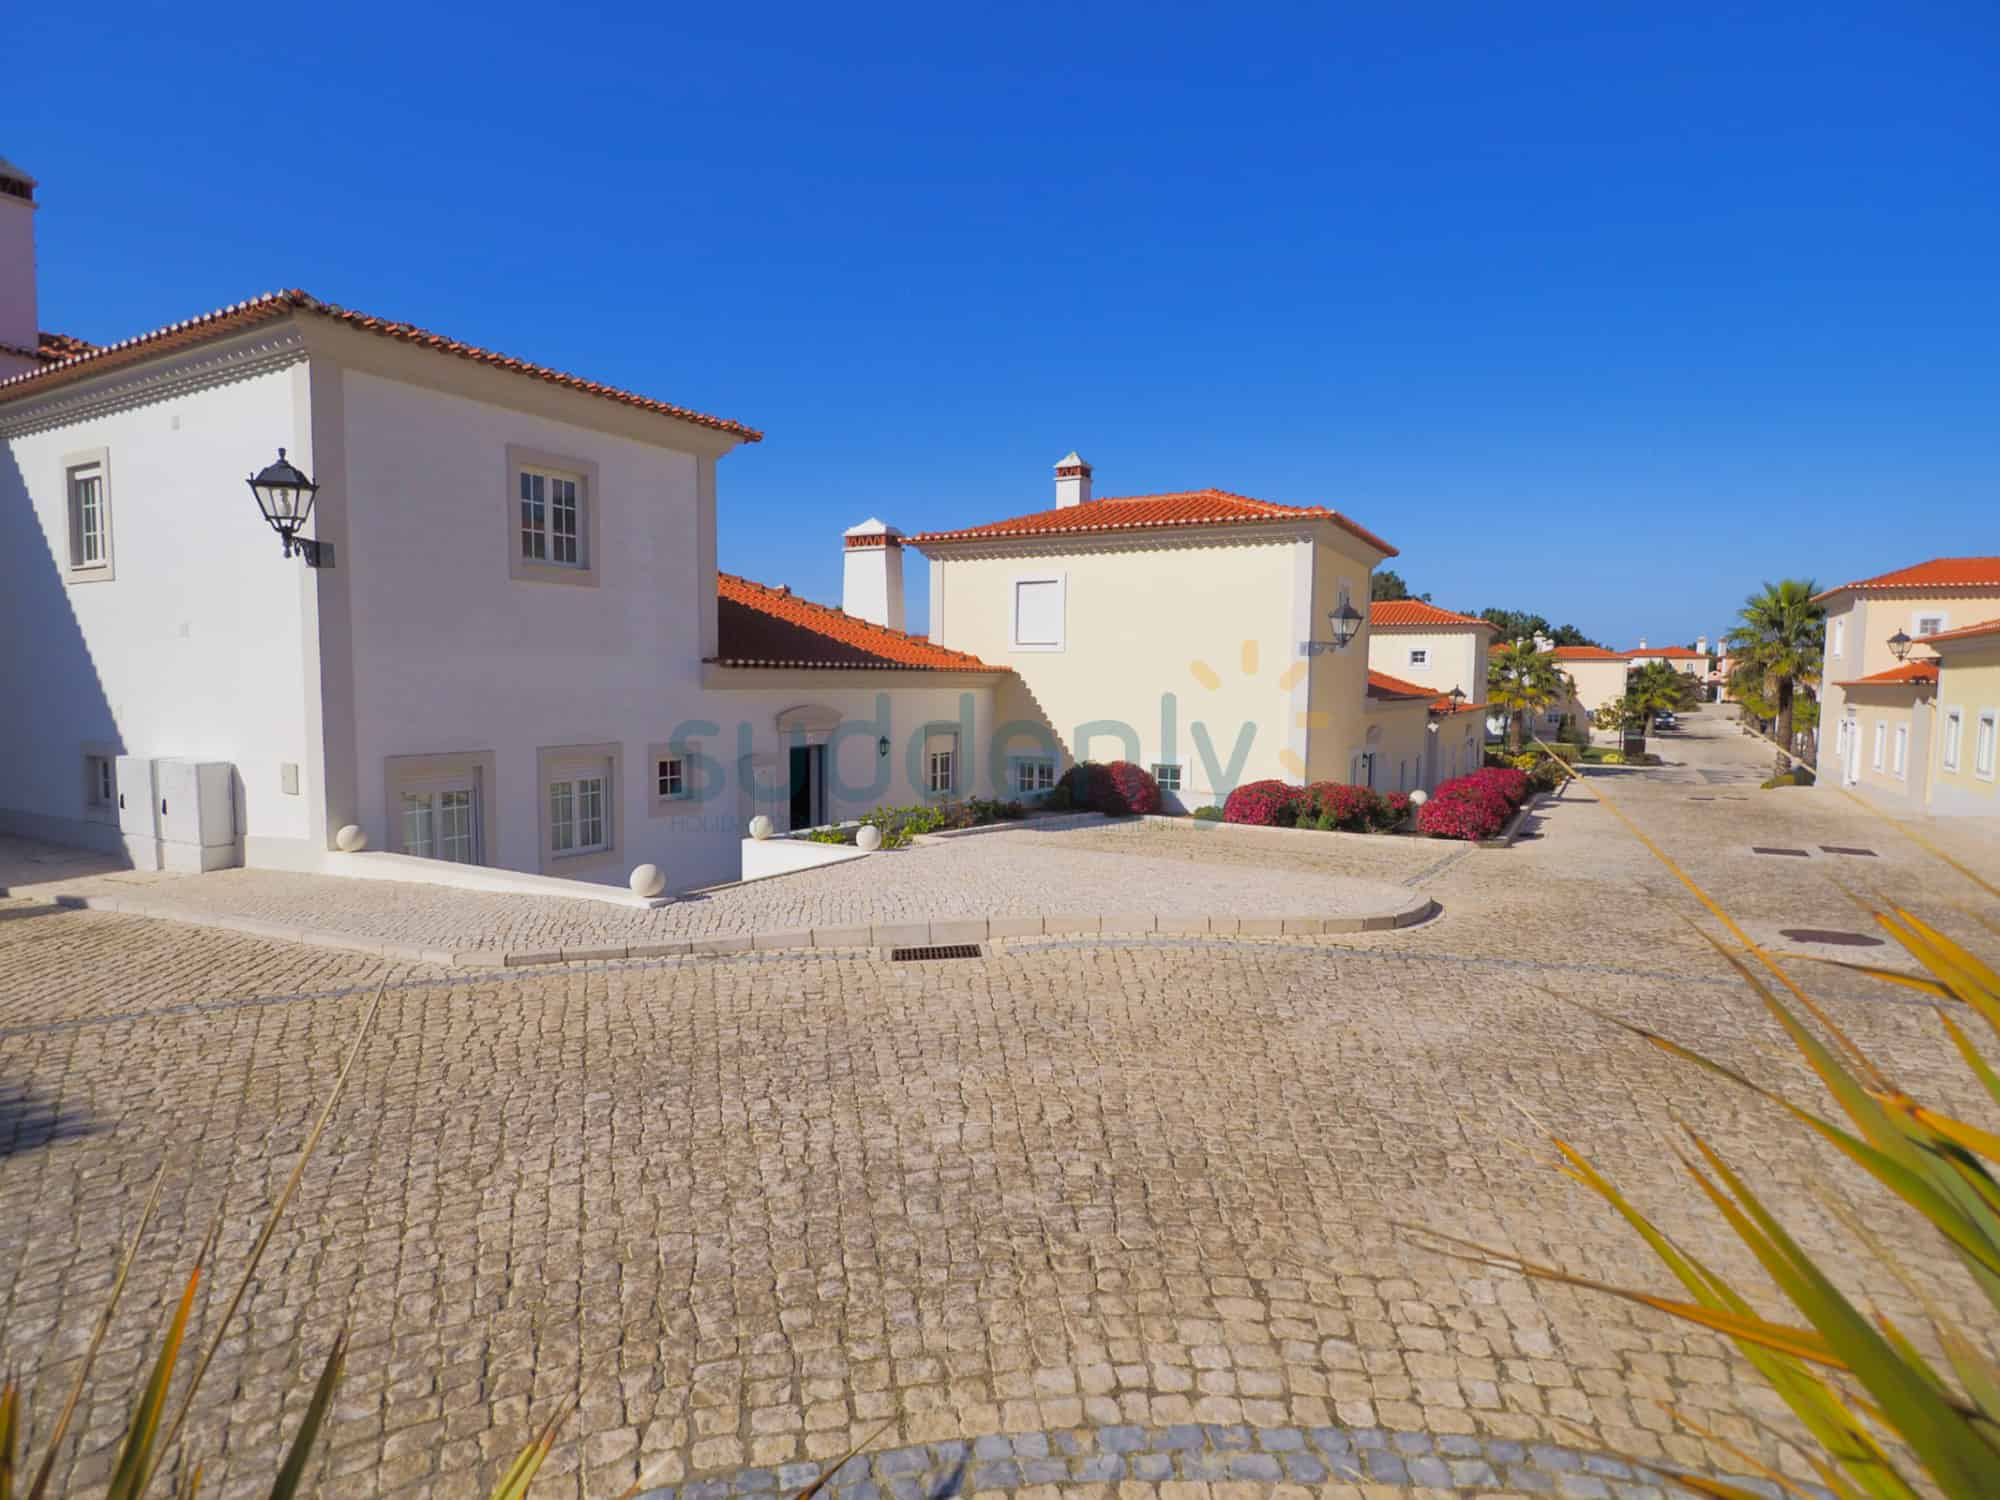 Holiday Rentals in Praia D'El Rey 337